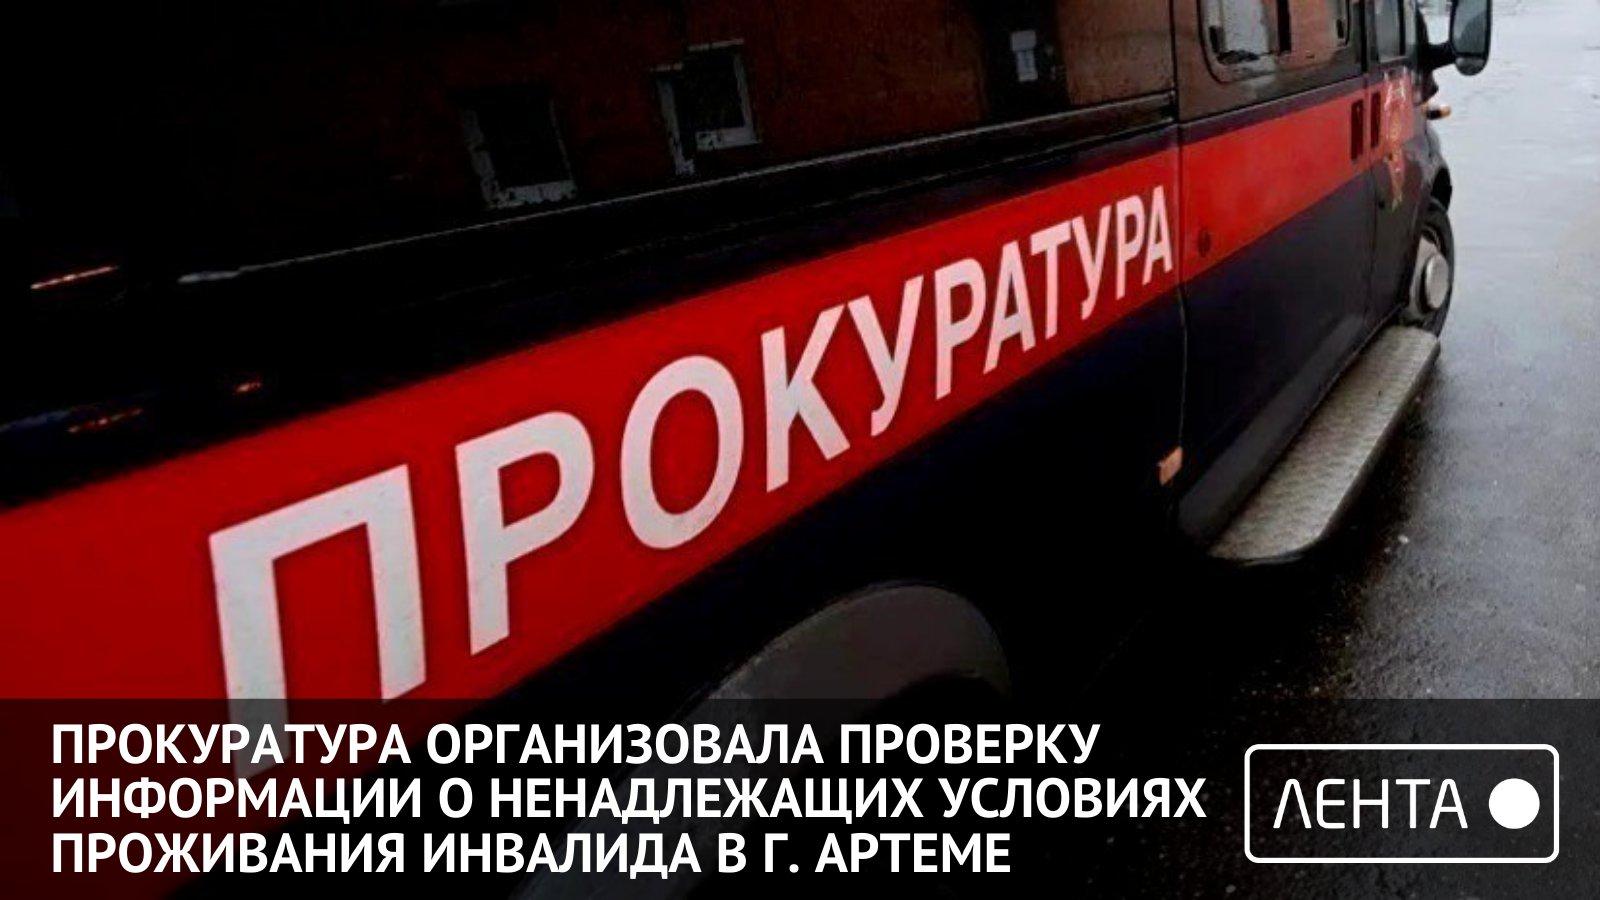 Прокуратура организовала проверку информации о ненадлежащих условиях проживания инвалида в г. Артеме